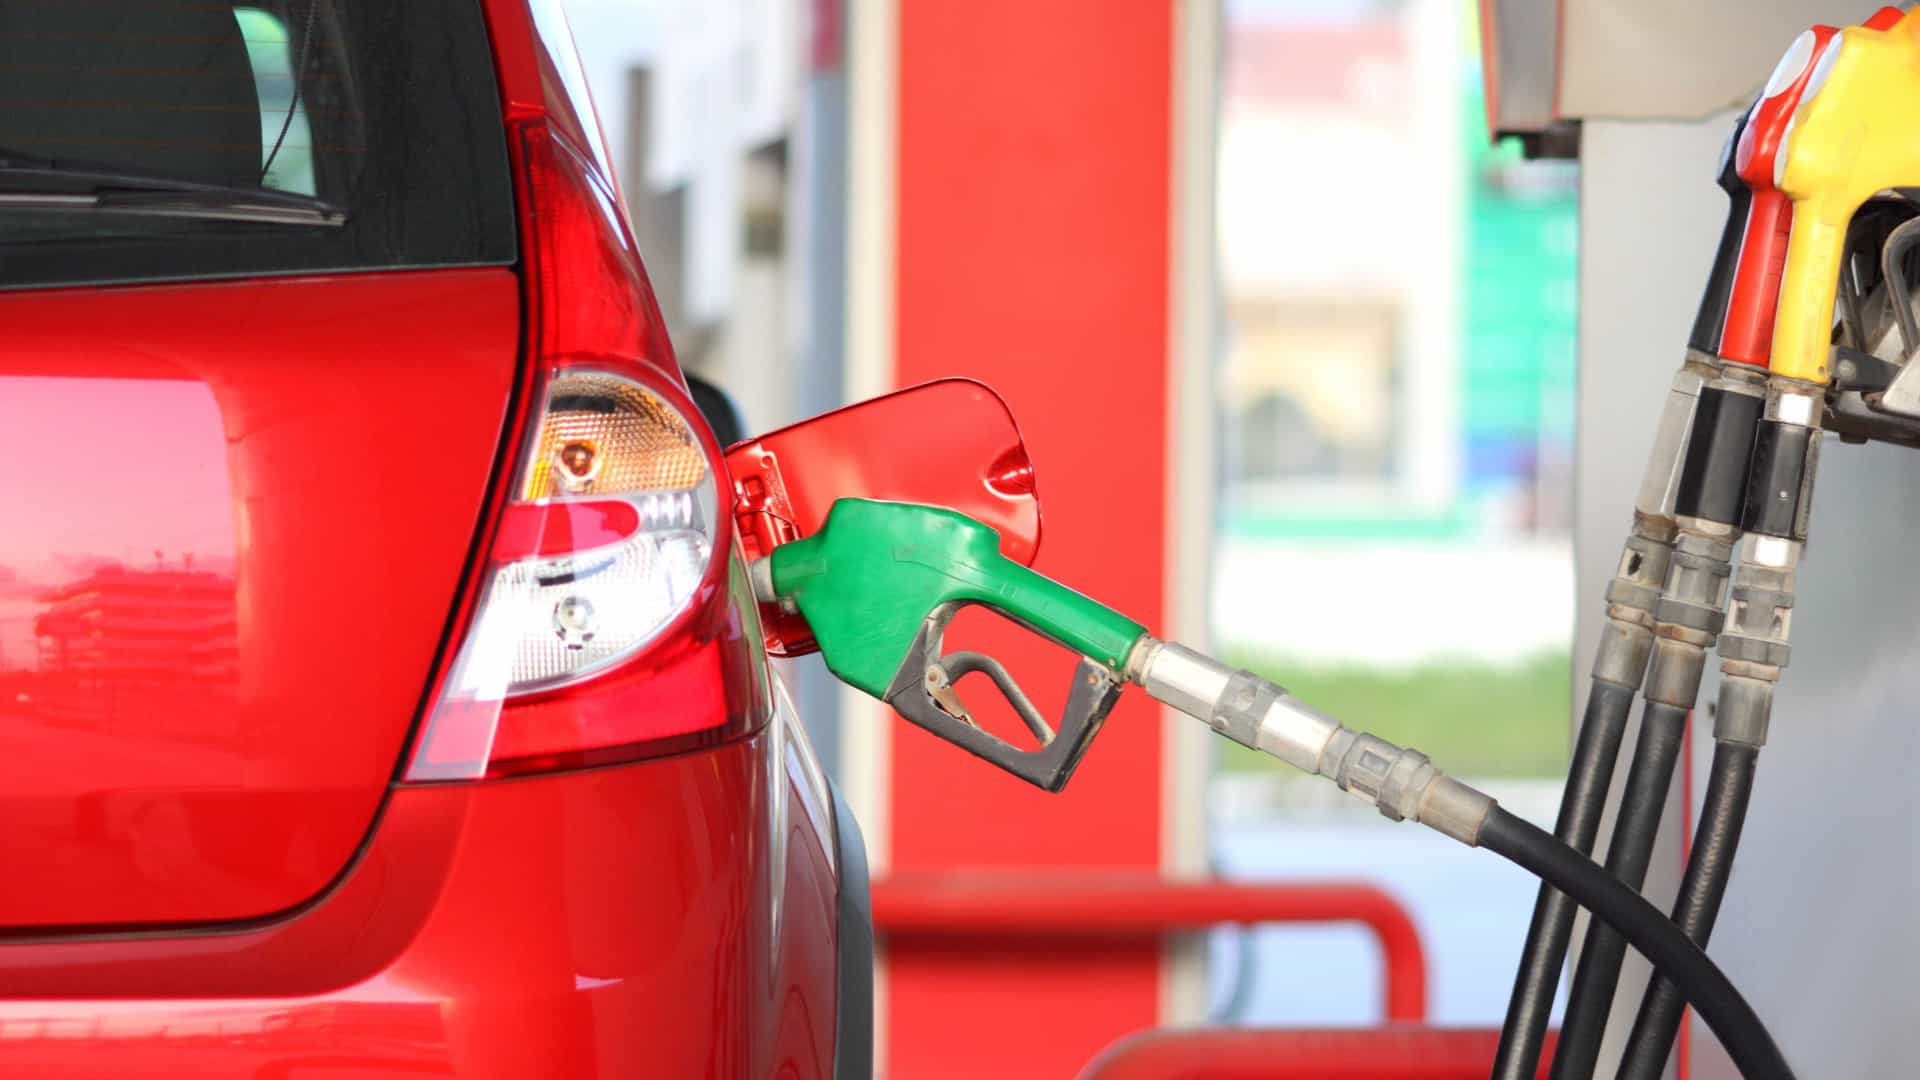 Combustíveis. Gásoleo e gasolina voltam a subir